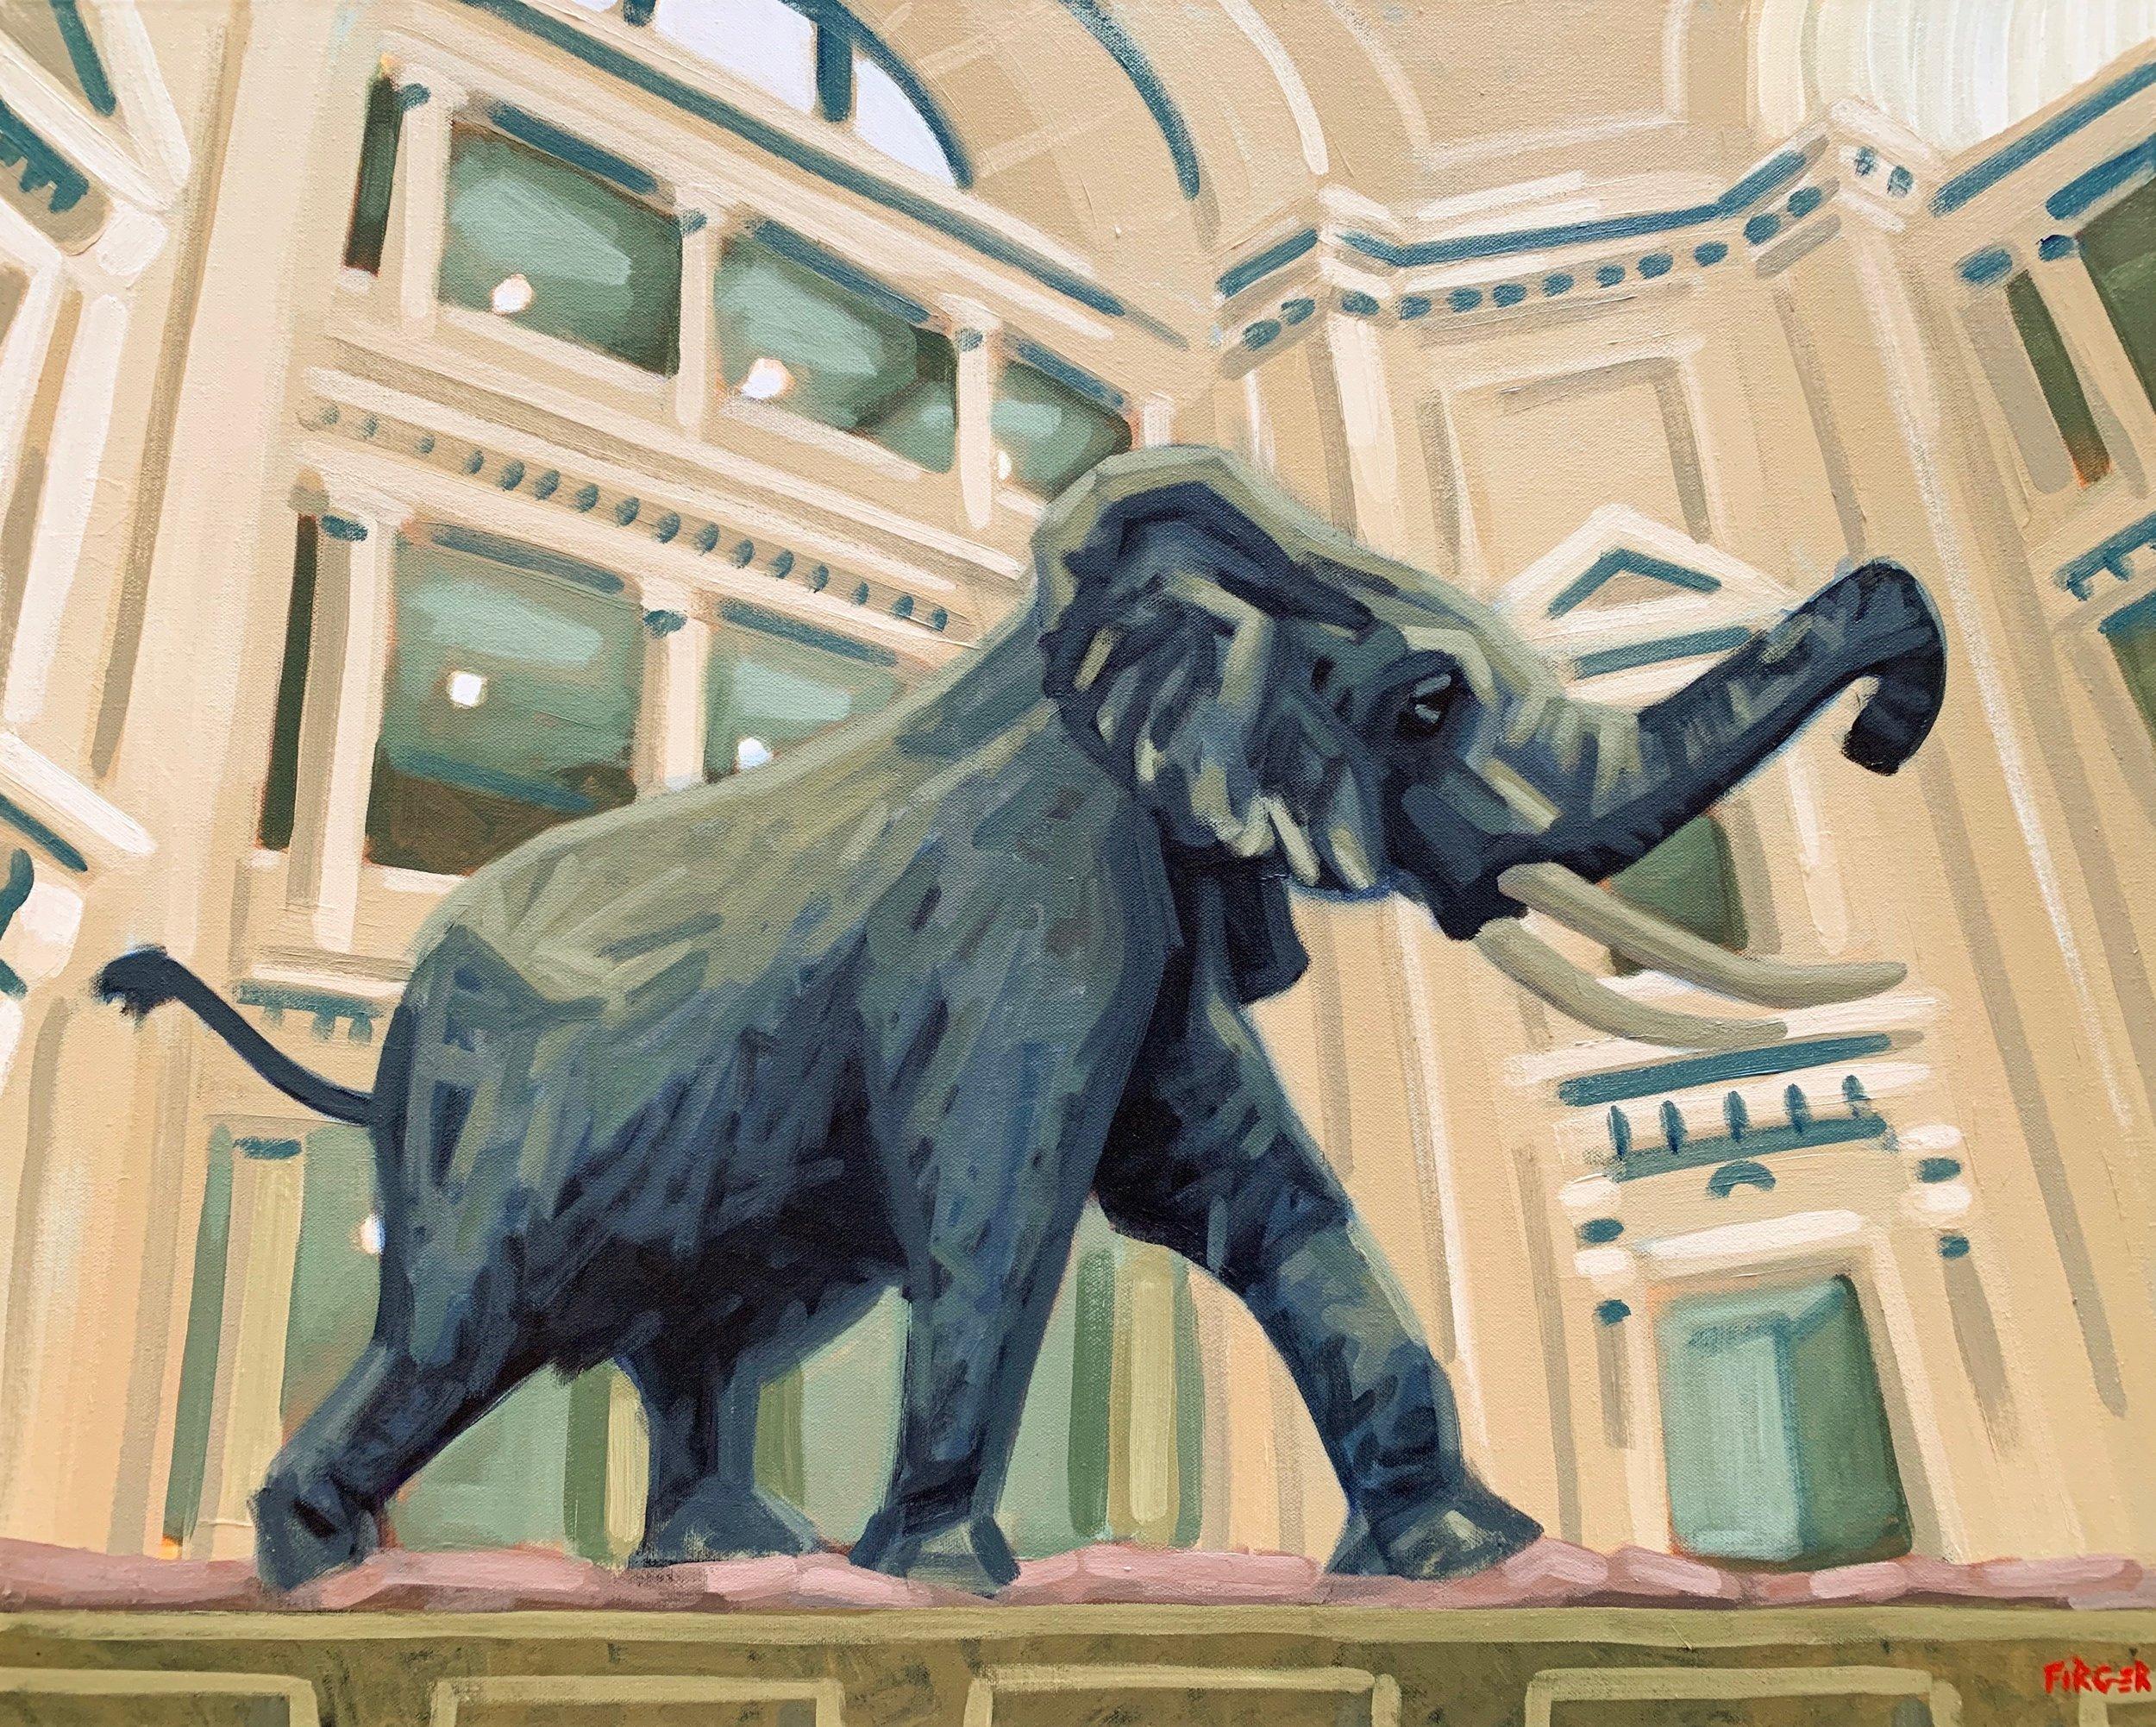 Smithsonian - 24 x 30, Acrylic on Canvas